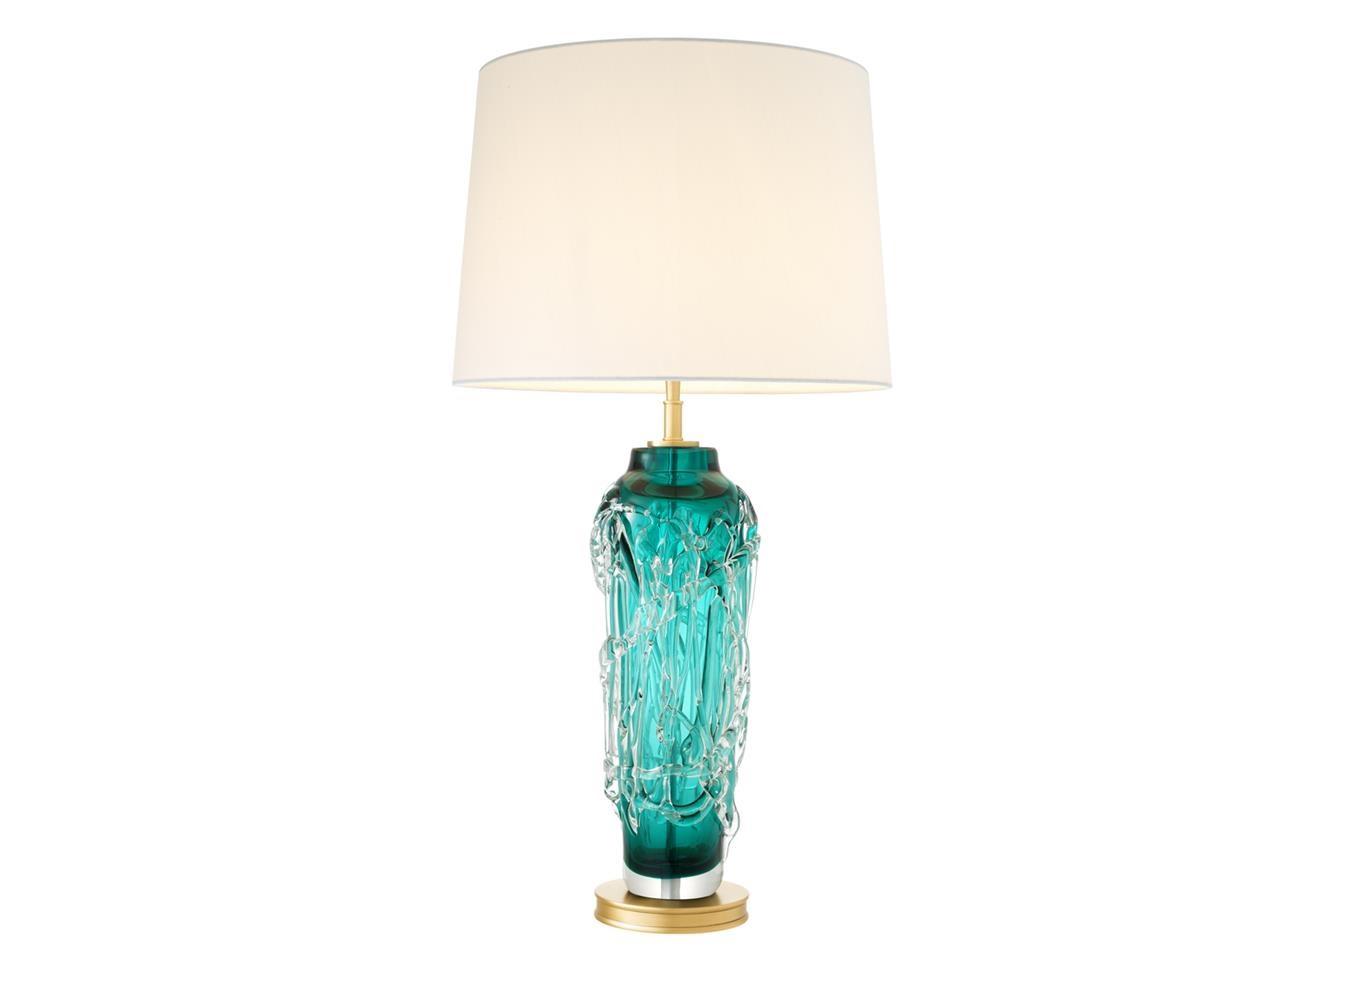 Настольная лампа TorianДекоративные лампы<br>Вид цоколя: E27Мощность: 40WКоличество ламп: 1 (нет в комплекте)<br><br>kit: None<br>gender: None